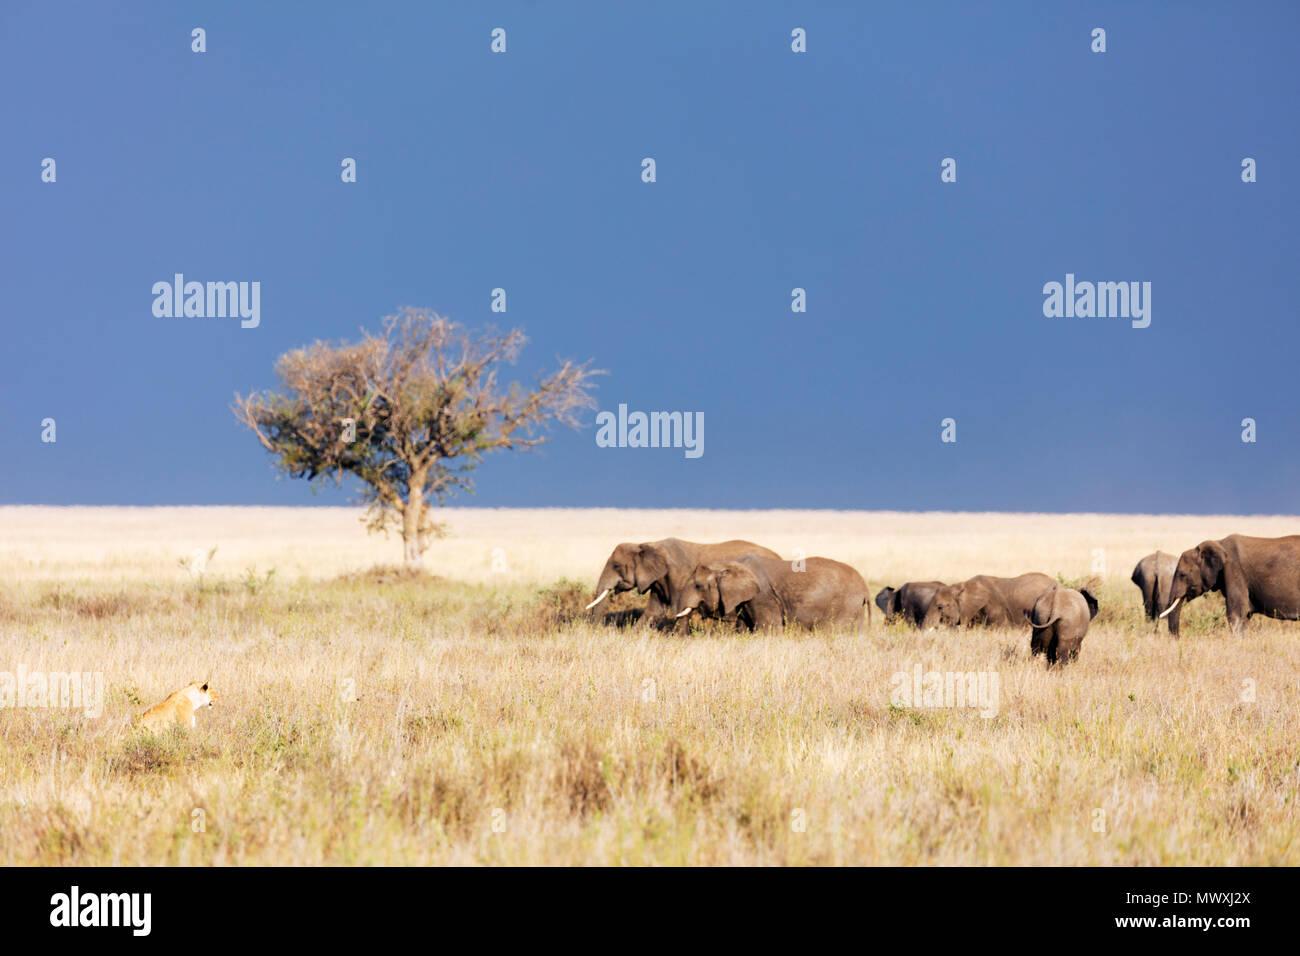 Lioness (Panthera leo) et l'éléphant africain (Loxodonta africana), le Parc National du Serengeti, Site du patrimoine mondial de l'UNESCO, la Tanzanie, l'Afrique de l'Est, l'Afrique Photo Stock